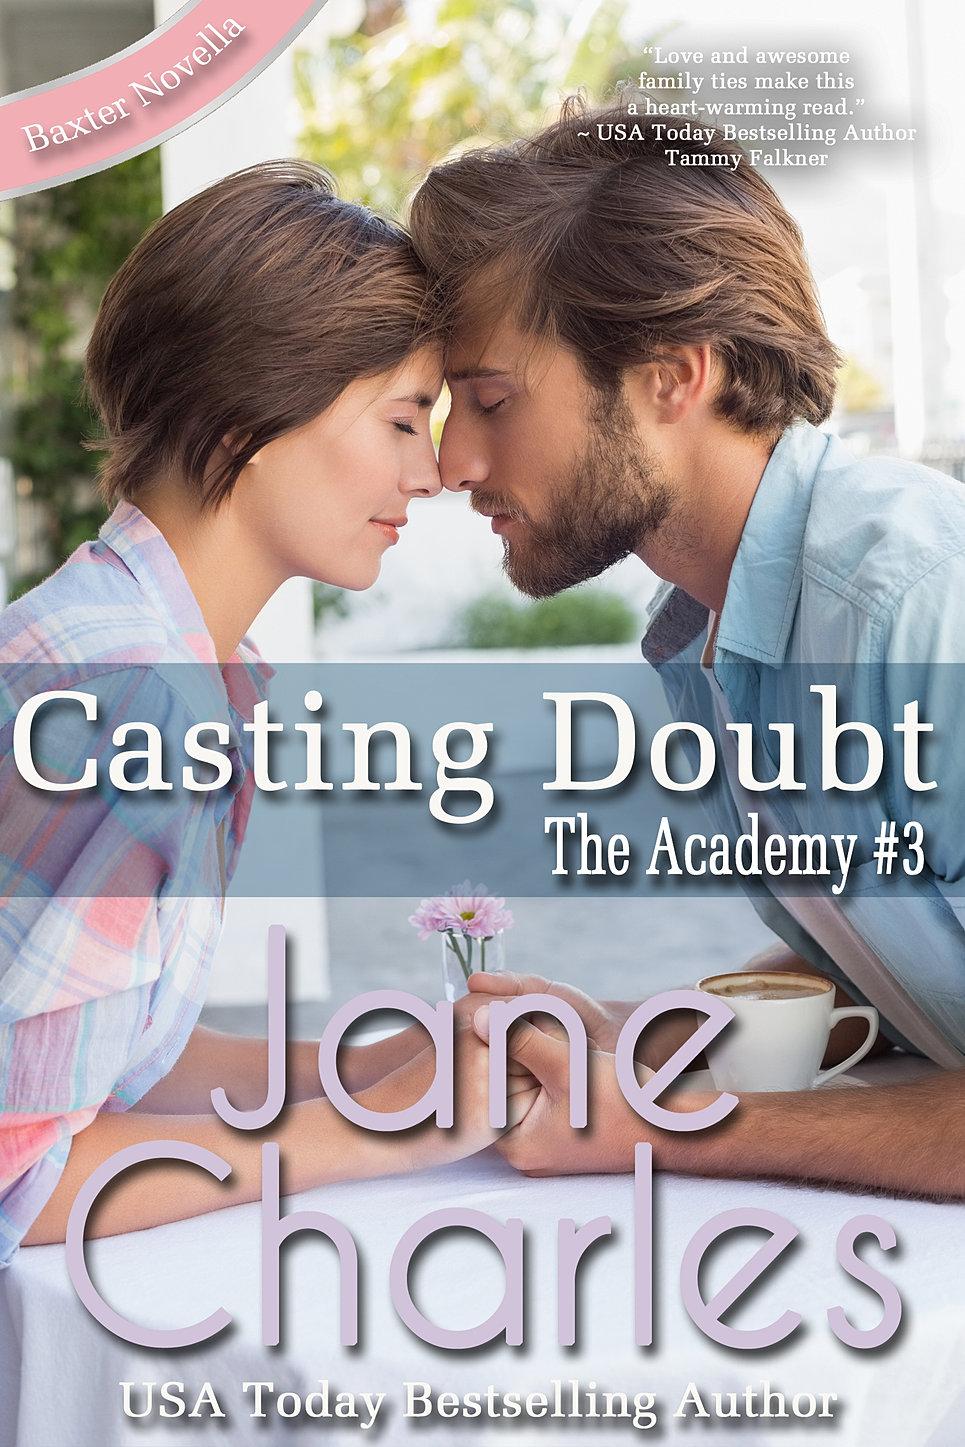 CastingDoubt